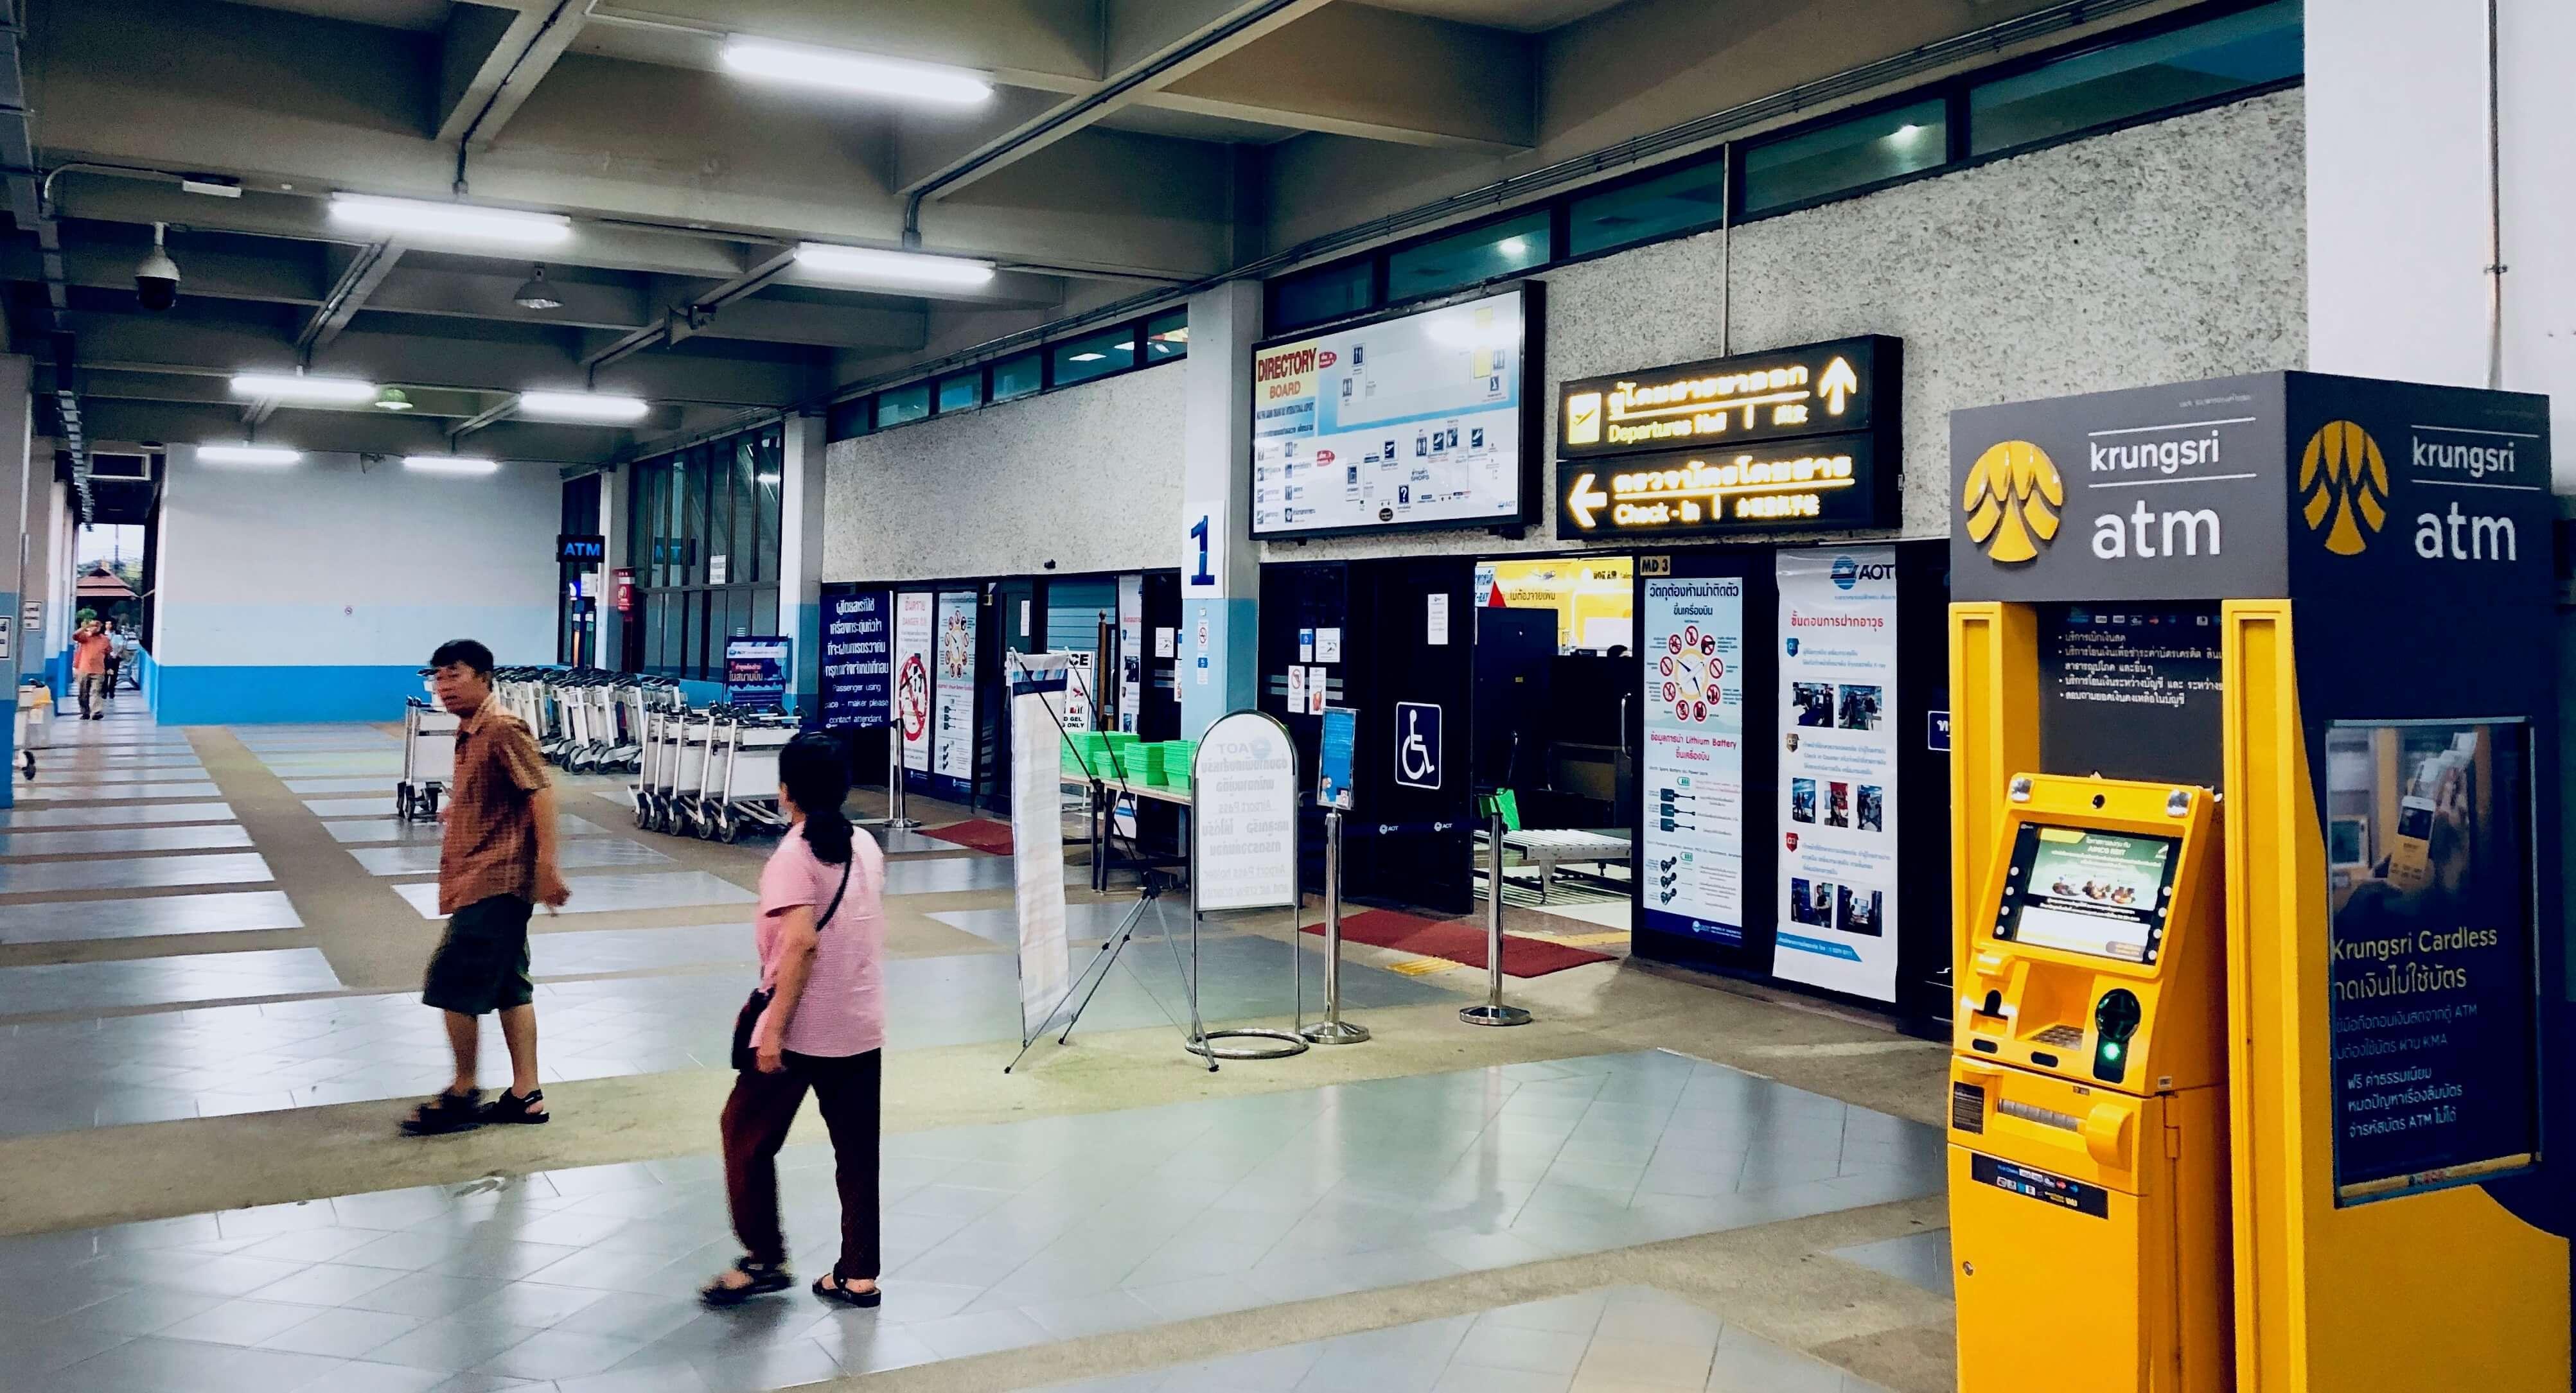 Chiang Rai Airport Außenbereich ATM